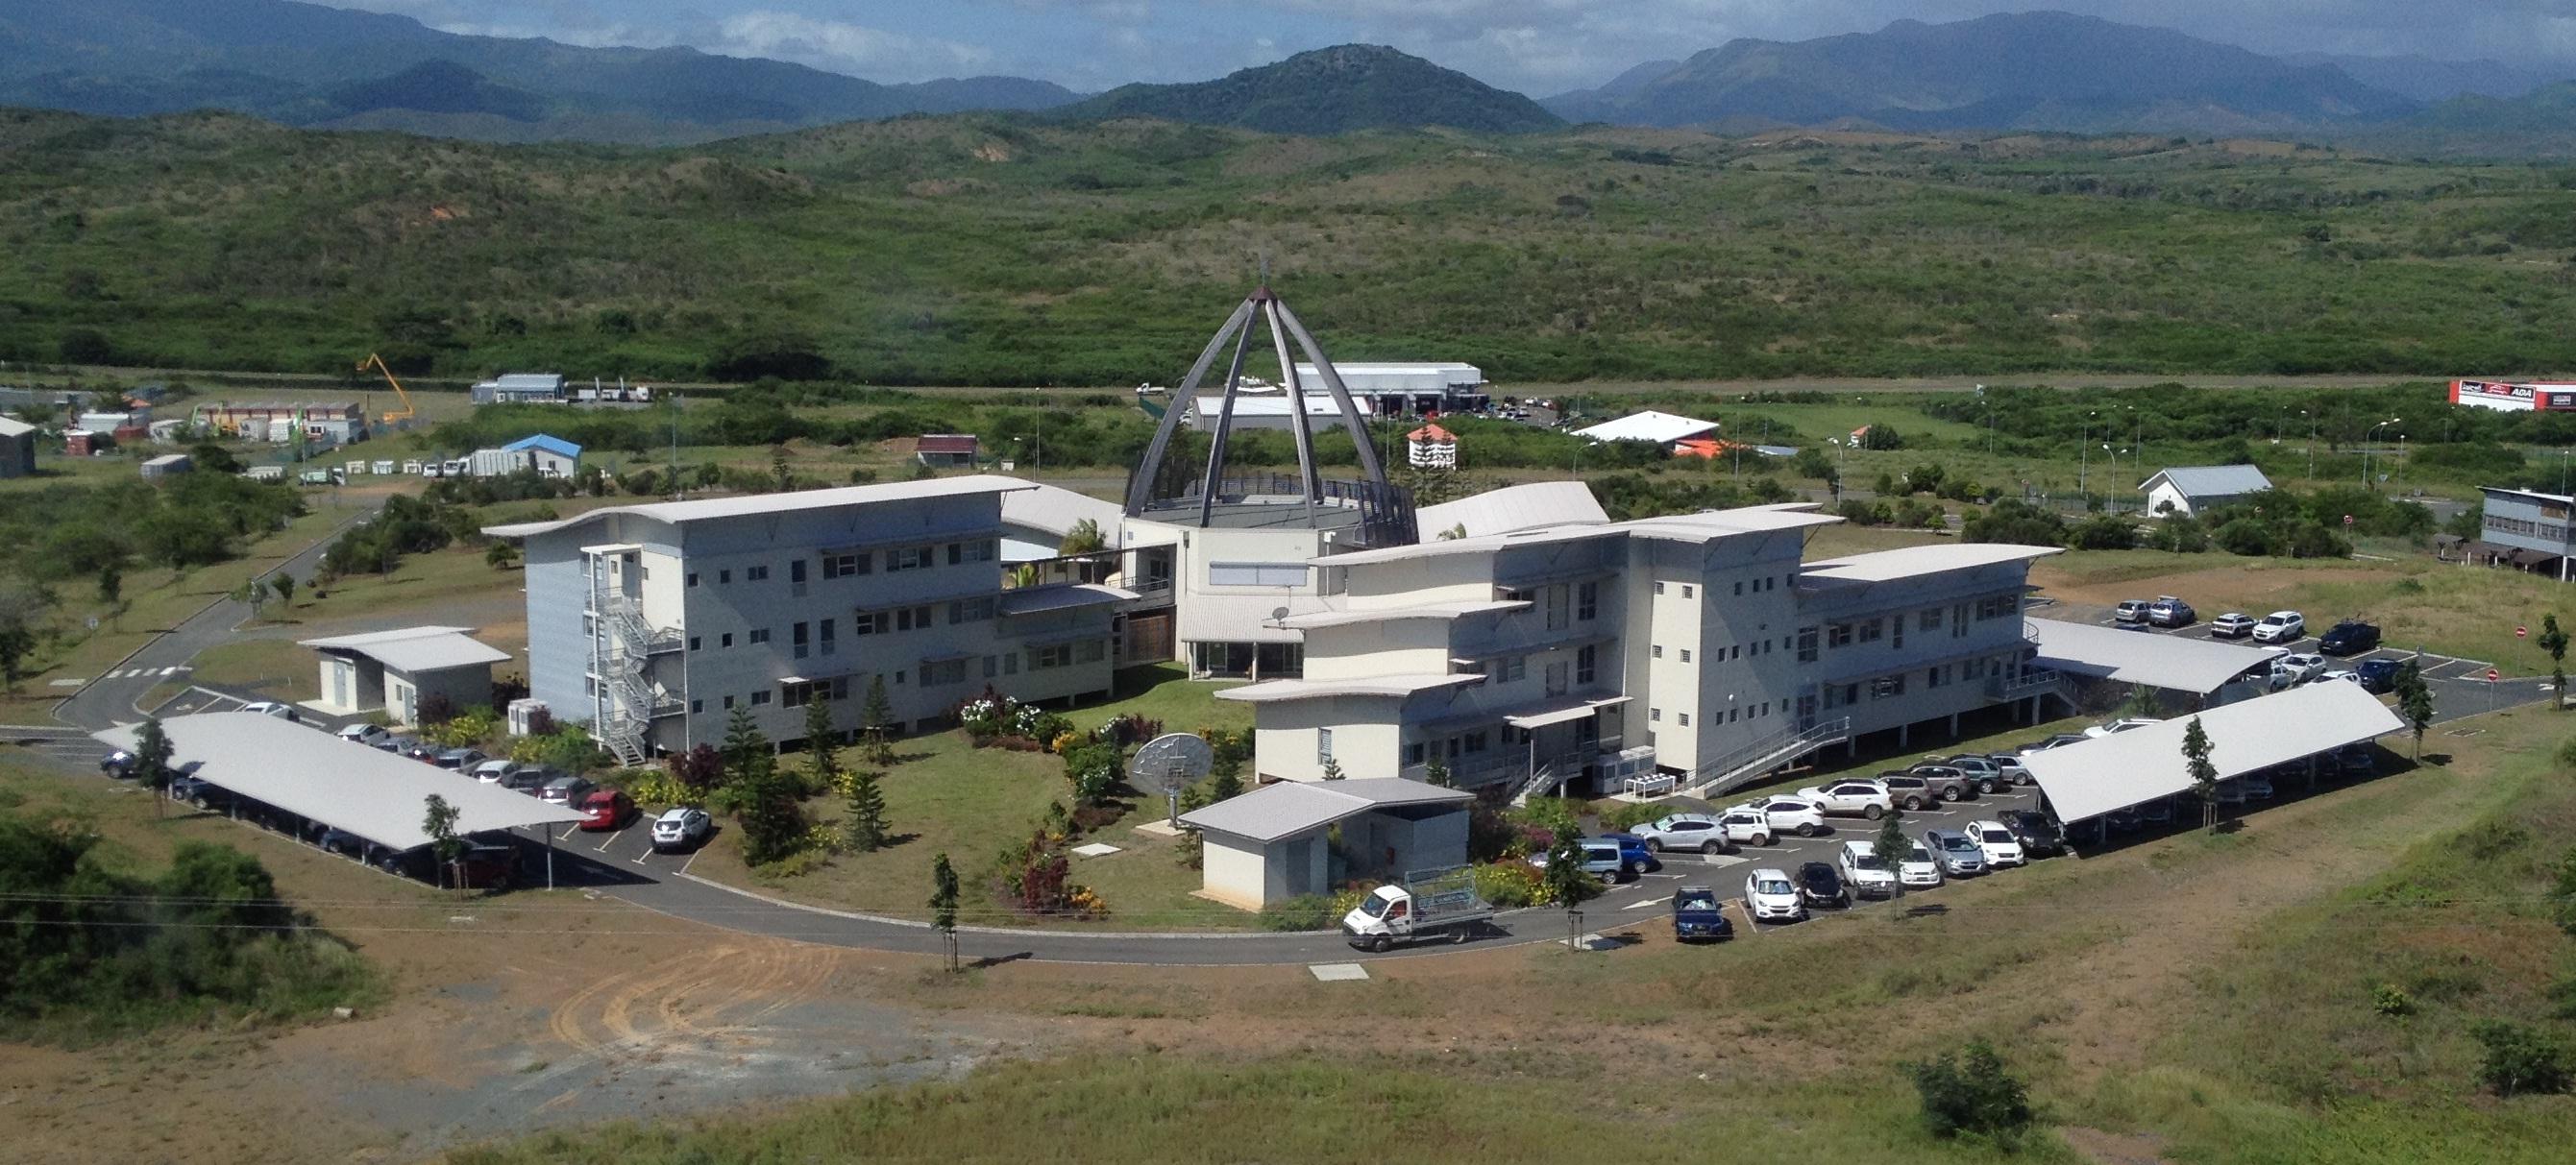 Régie NCTV à Koné, Nouvelle Calédonie